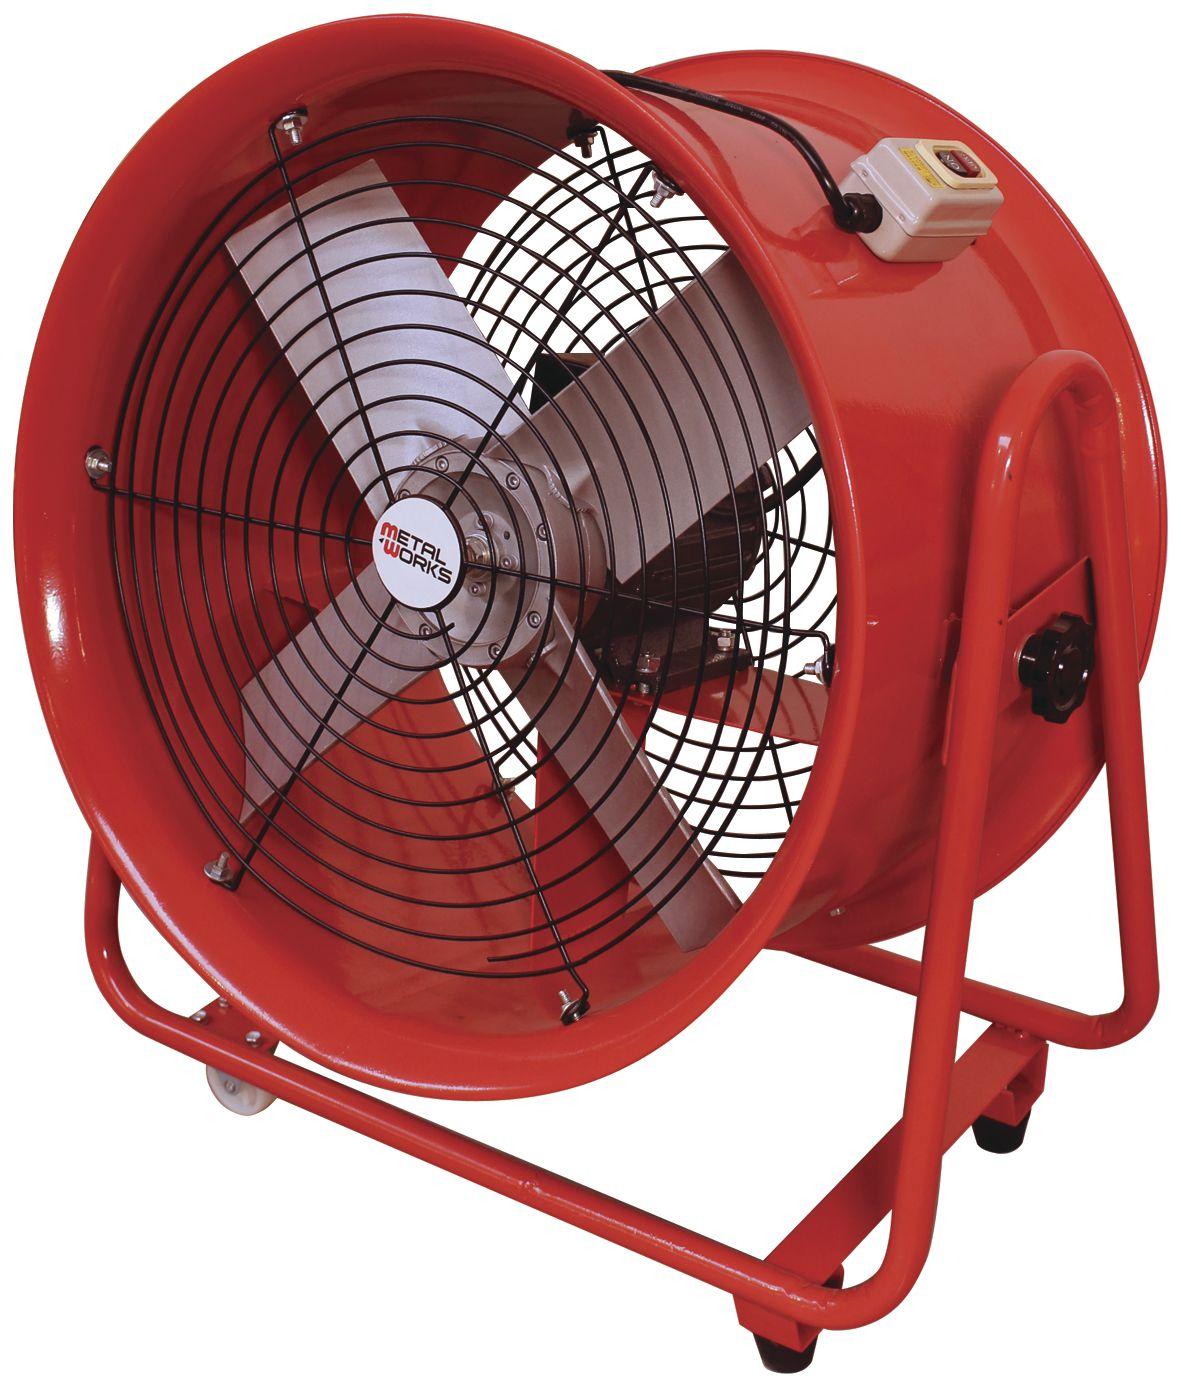 mv500r ventilateurs ventilateurs vynckier tools. Black Bedroom Furniture Sets. Home Design Ideas